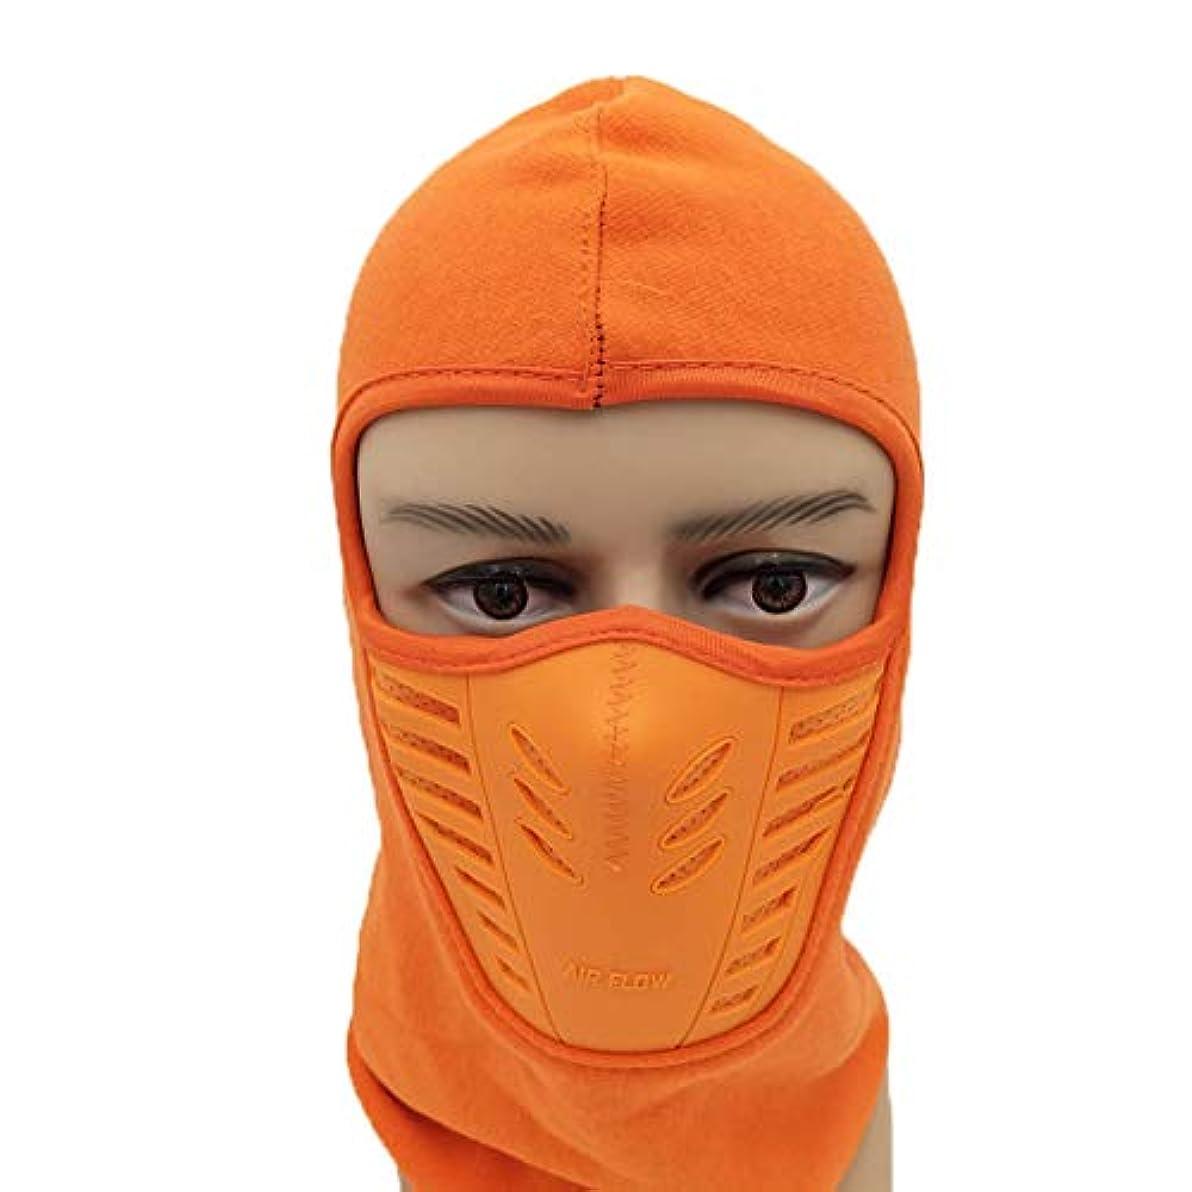 補償シンプトン真実にCoolTack ウィンターフリースネックウォーマー、フェイスマスクカバー、厚手ロングネックガーターチューブ、ビーニーネックウォーマーフード、ウィンターアウトドアスポーツマスク防風フード帽子